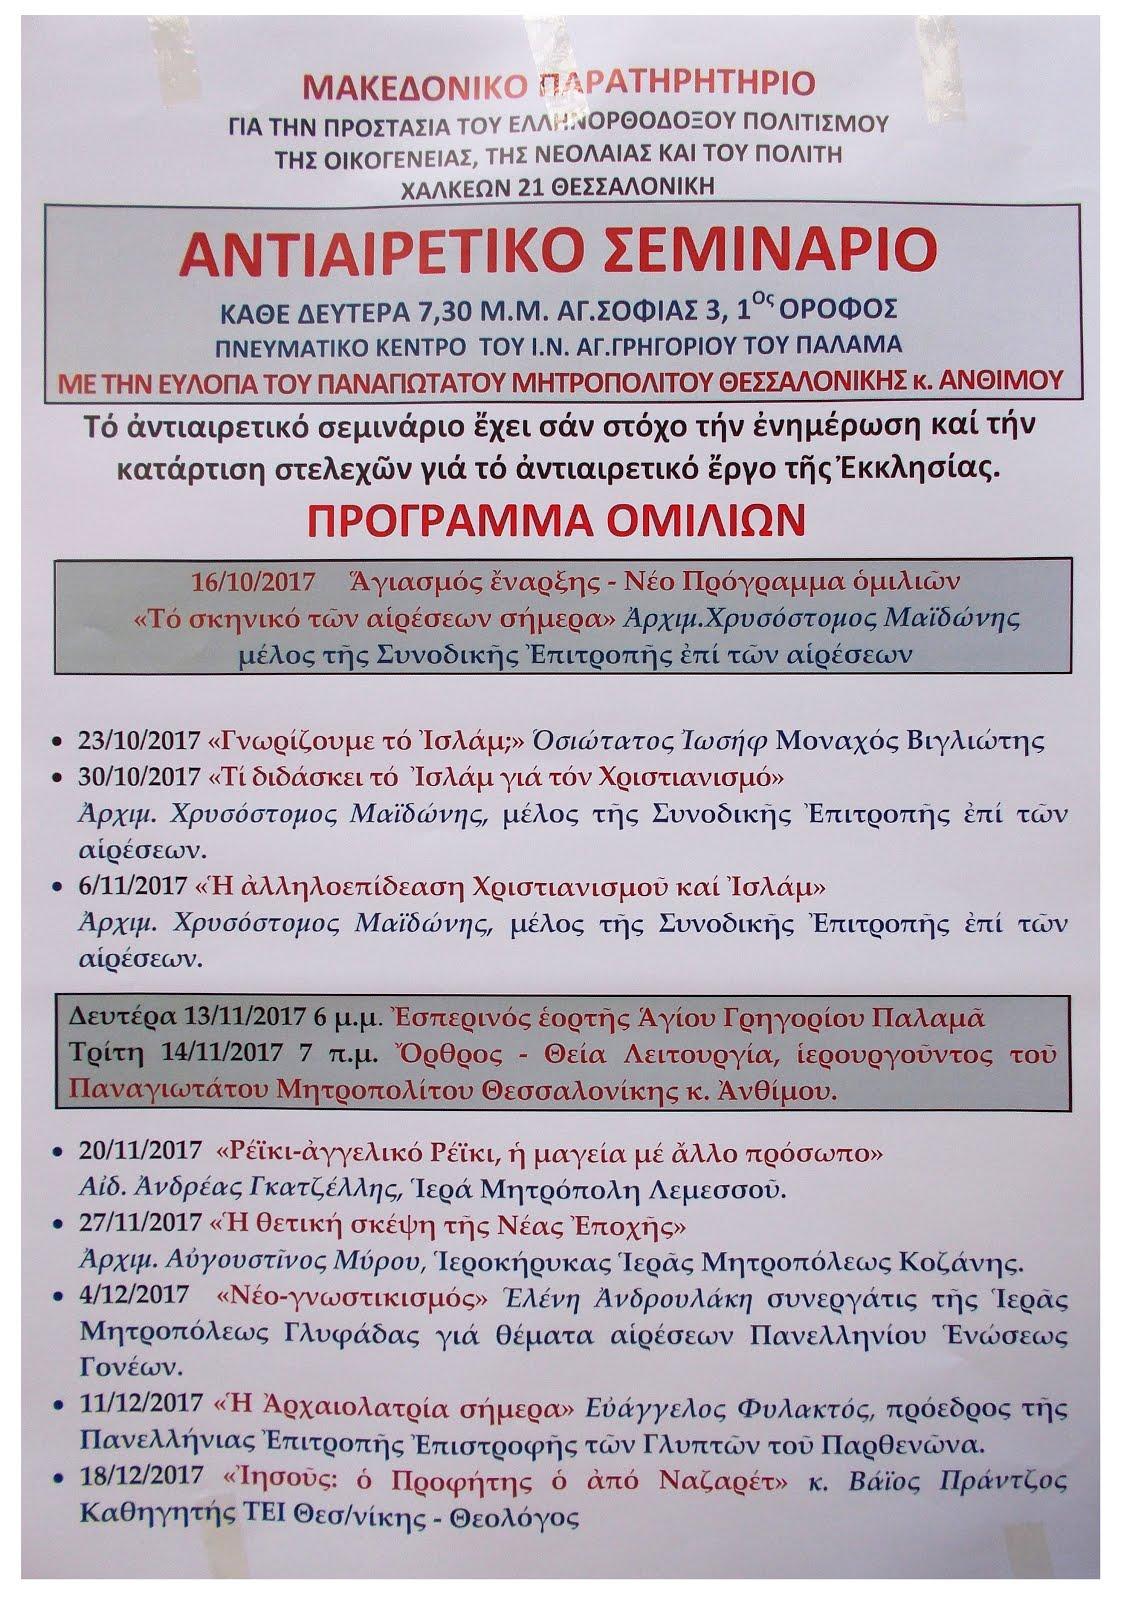 Αντιαιρετικά συνέδρια στην Ελλάδα του 21ου αιώνα!